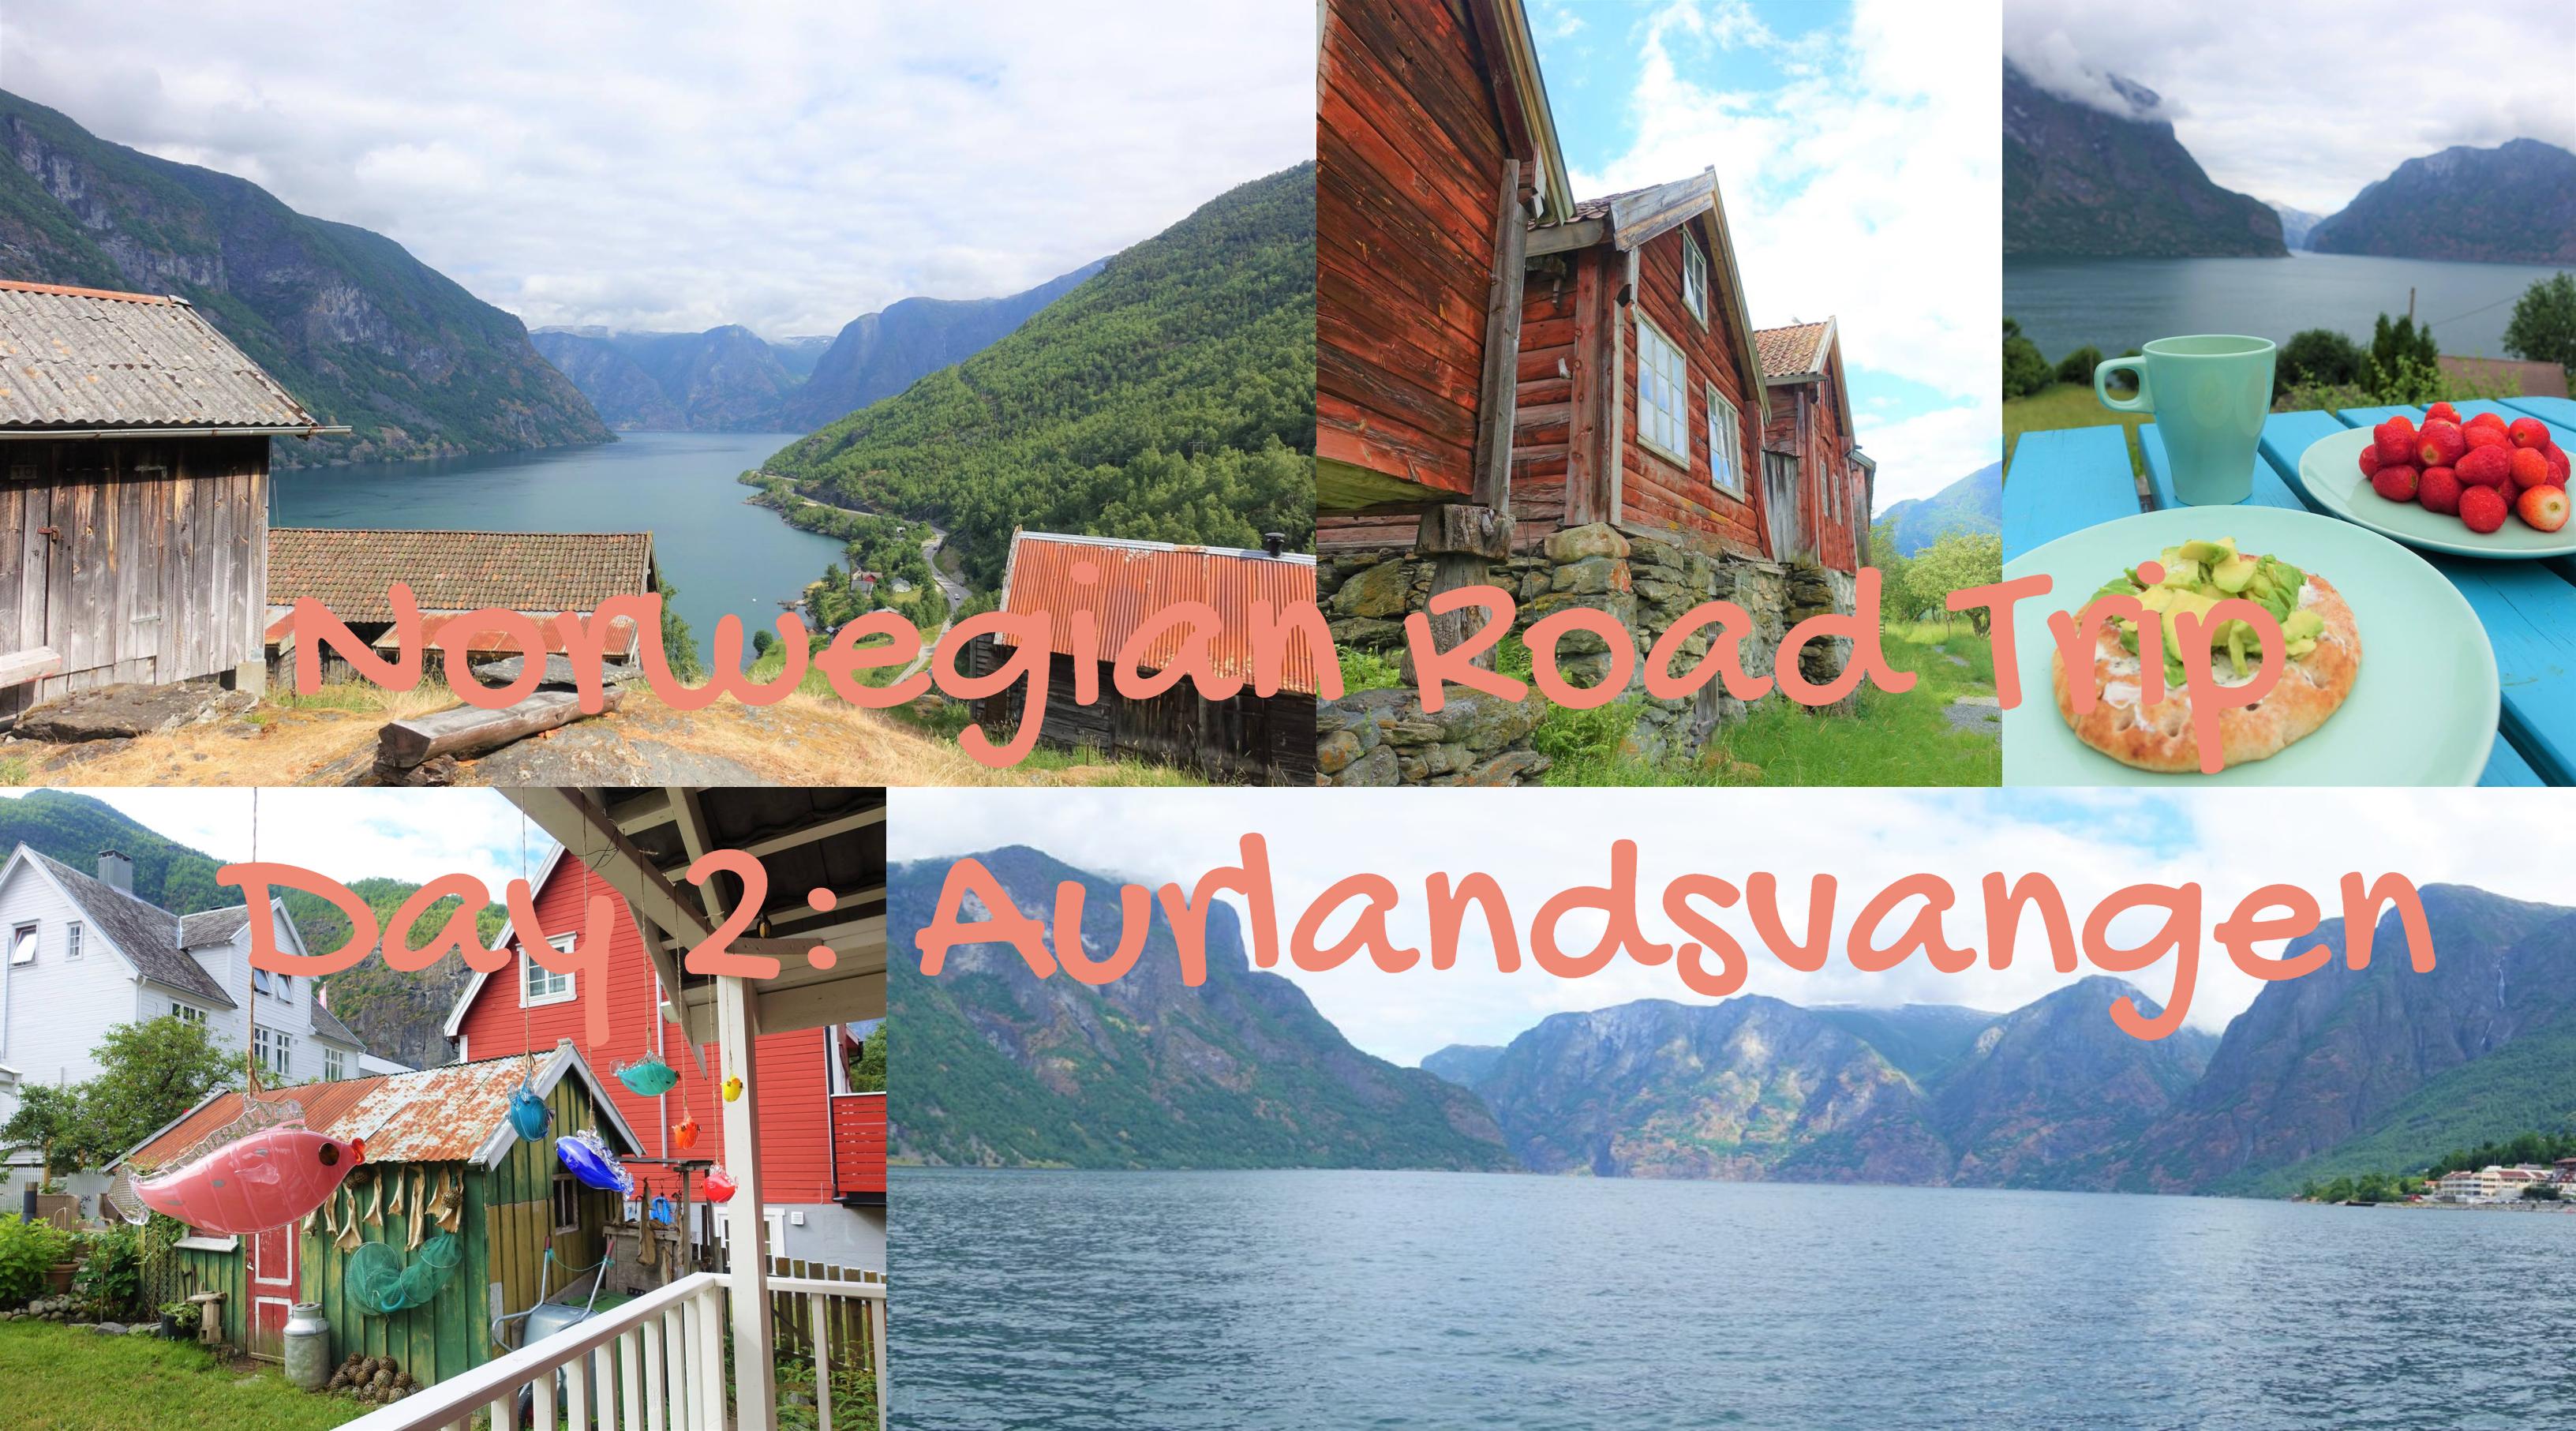 Aurlandsvangen 2